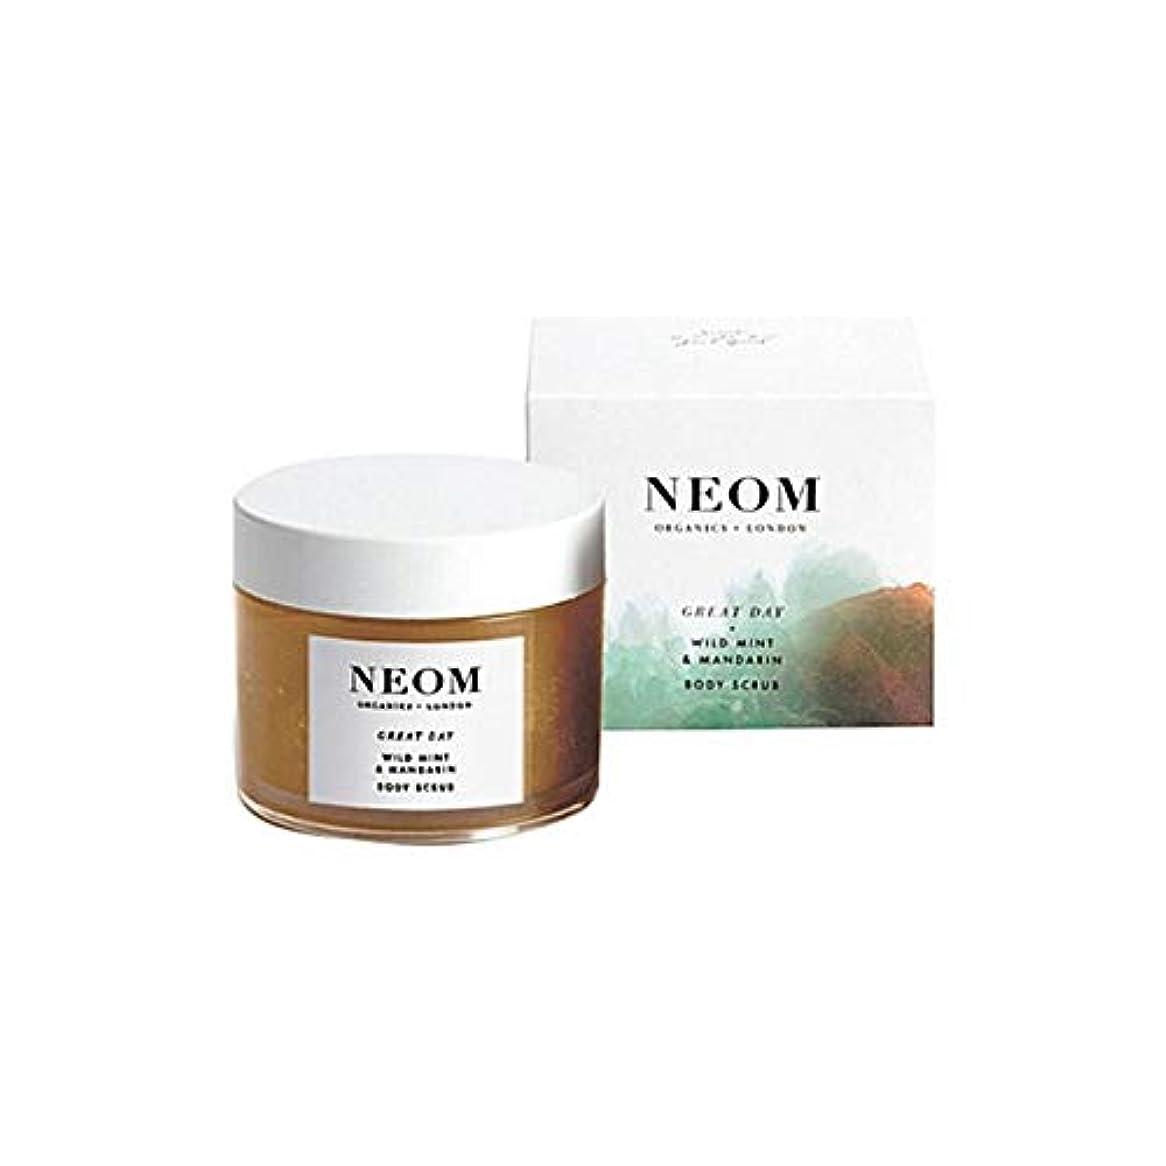 神秘的な歩き回るスプレー[Neom] Neom高級有機物素晴らしい一日ボディスクラブ332グラム - Neom Luxury Organics Great Day Body Scrub 332G [並行輸入品]